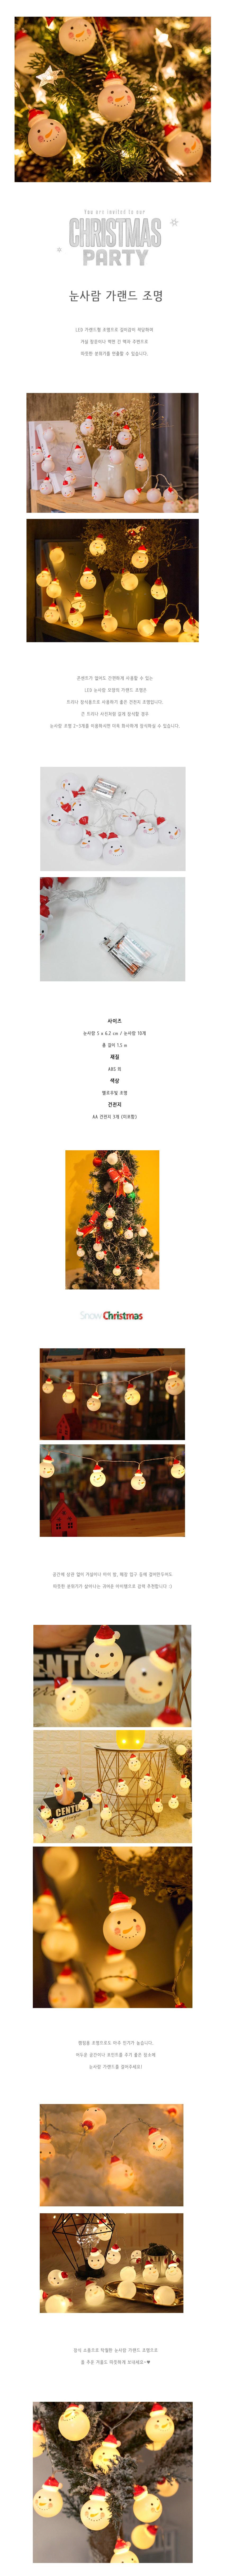 크리스마스 눈사람 가랜드 조명 - 진바스, 7,000원, 조명, 크리스마스조명